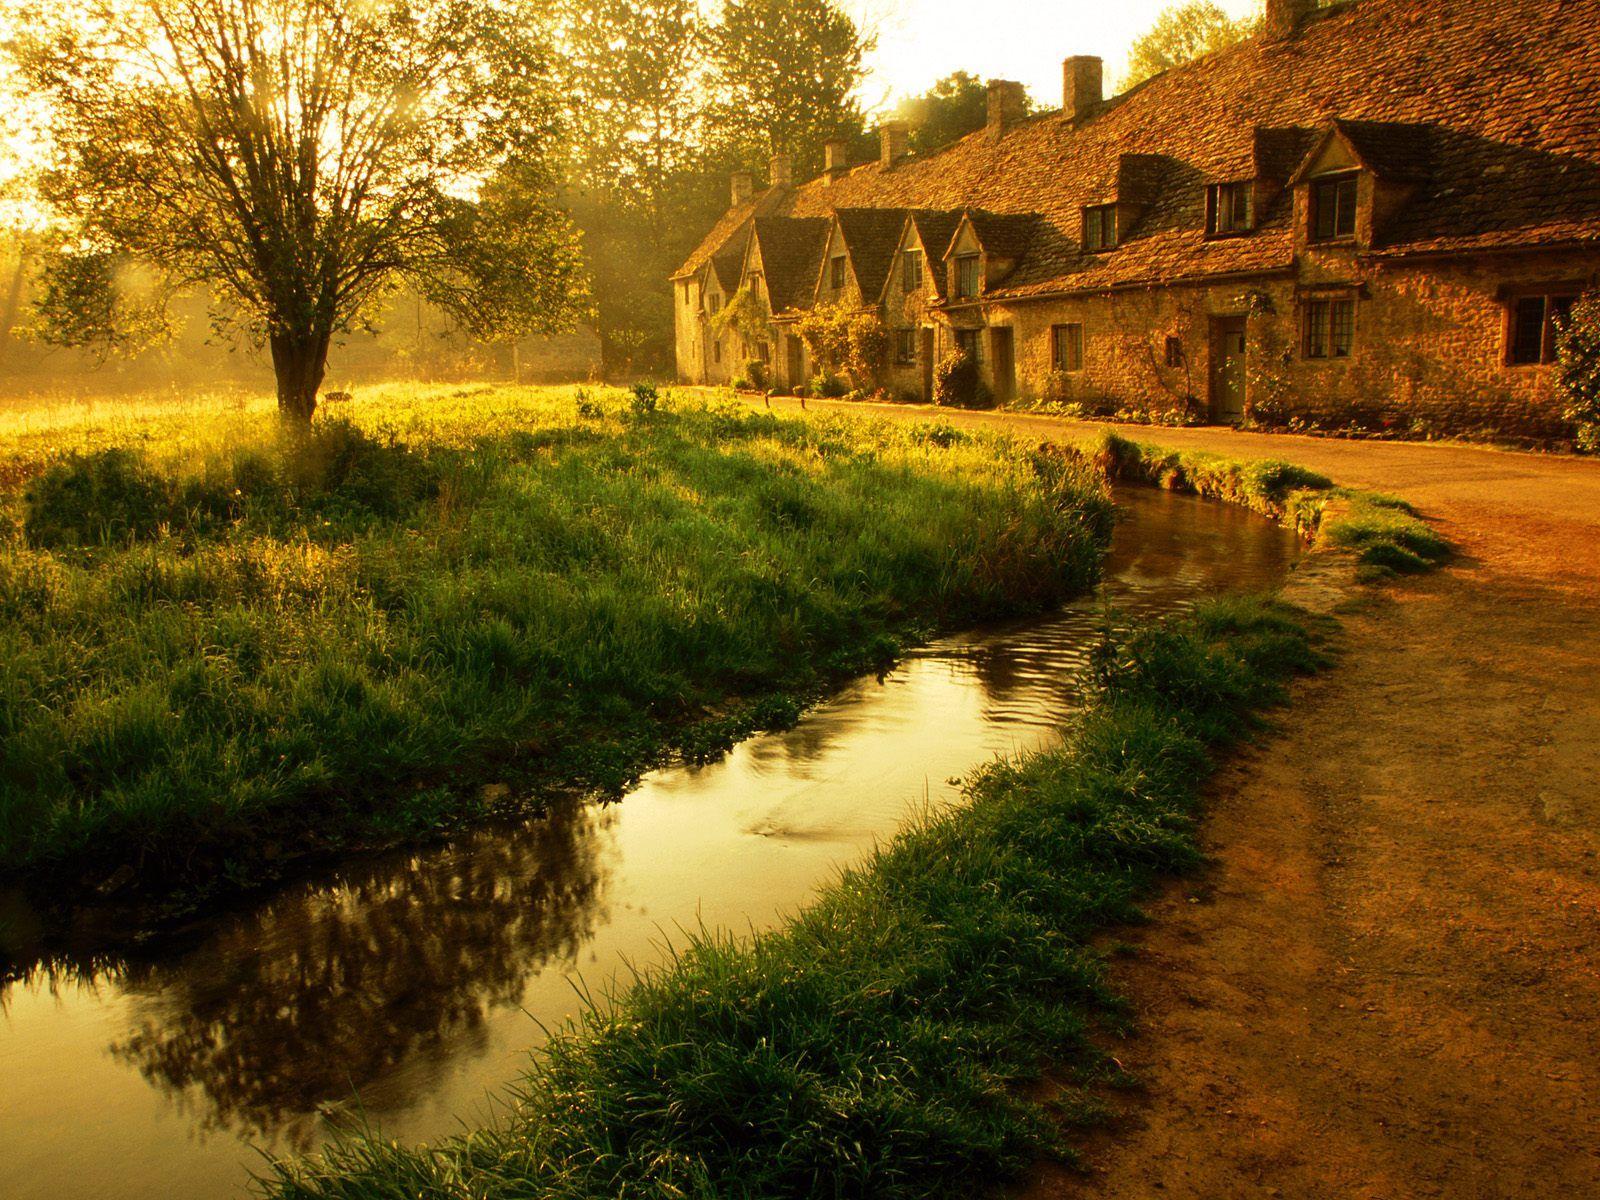 http://3.bp.blogspot.com/_l80GiiW2rtc/TElvP2dw1aI/AAAAAAAABUI/tJYMaAHPrWY/s1600/Morning+Mist+Arlington+Row+Bibury+Gloucestershire+England.jpg